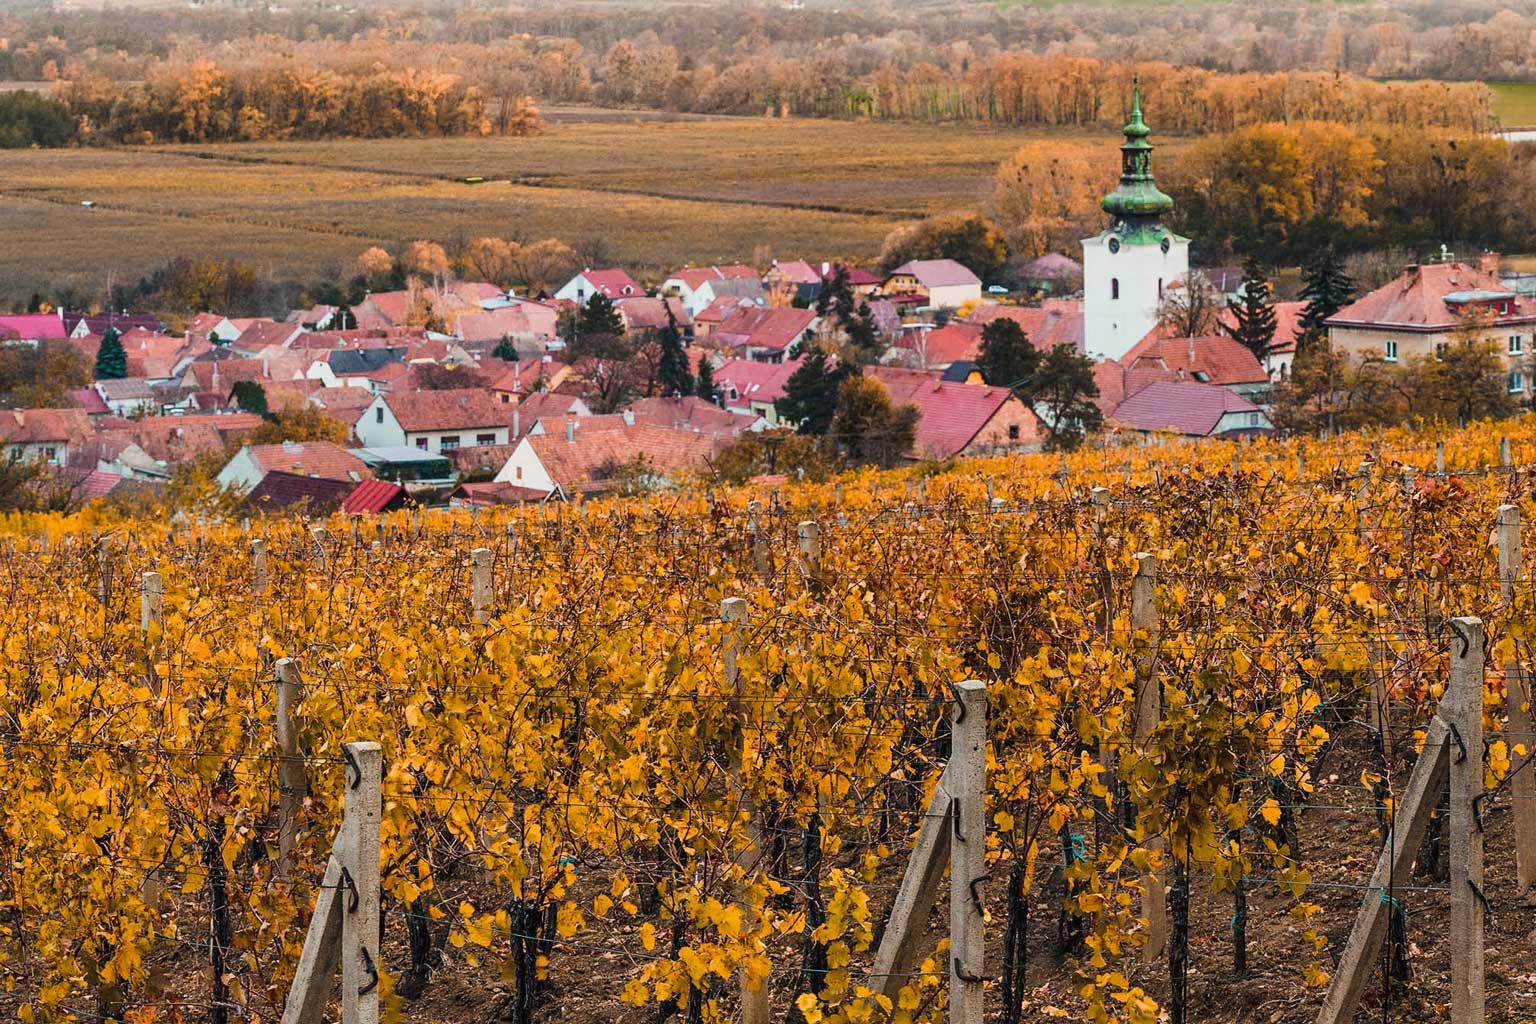 vinarstvi-pritluky-zdenek-bukovsky-vinohrady-nad-pritlukami